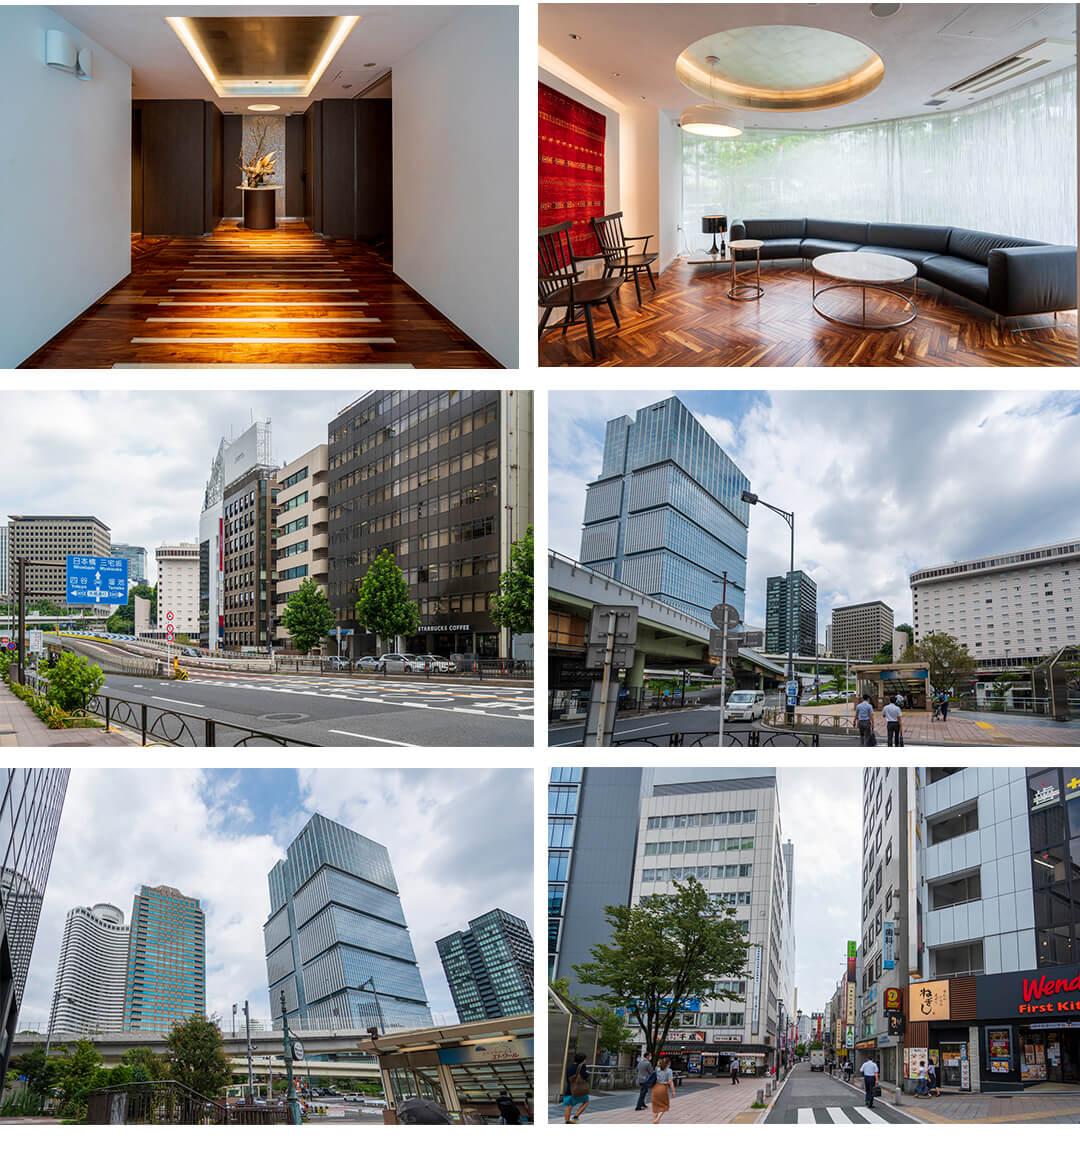 ジオ元赤坂の共用部と周辺情報